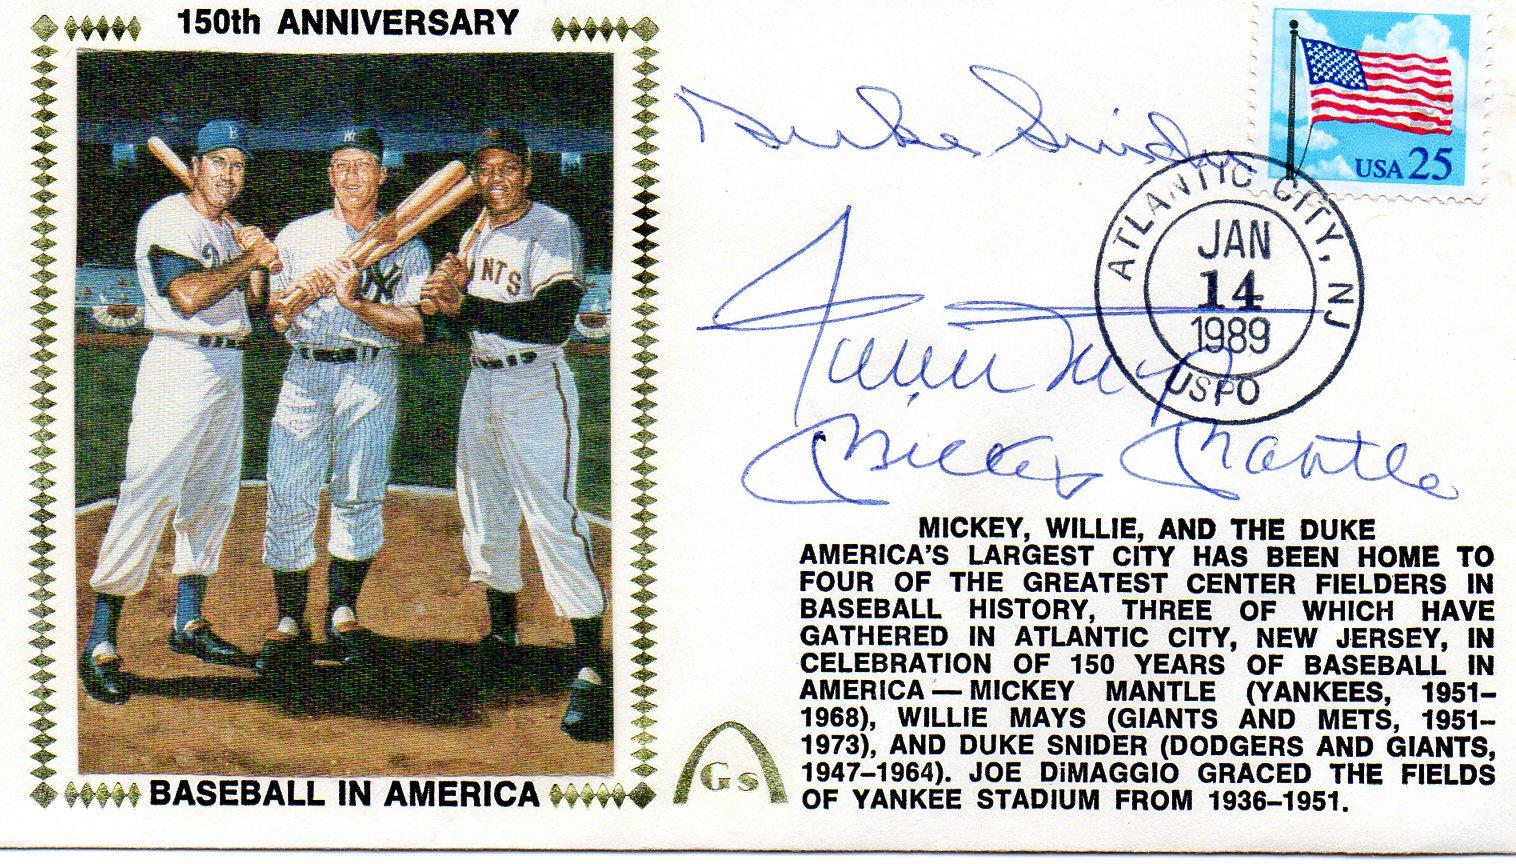 1989 gateway actual signatures 01/14